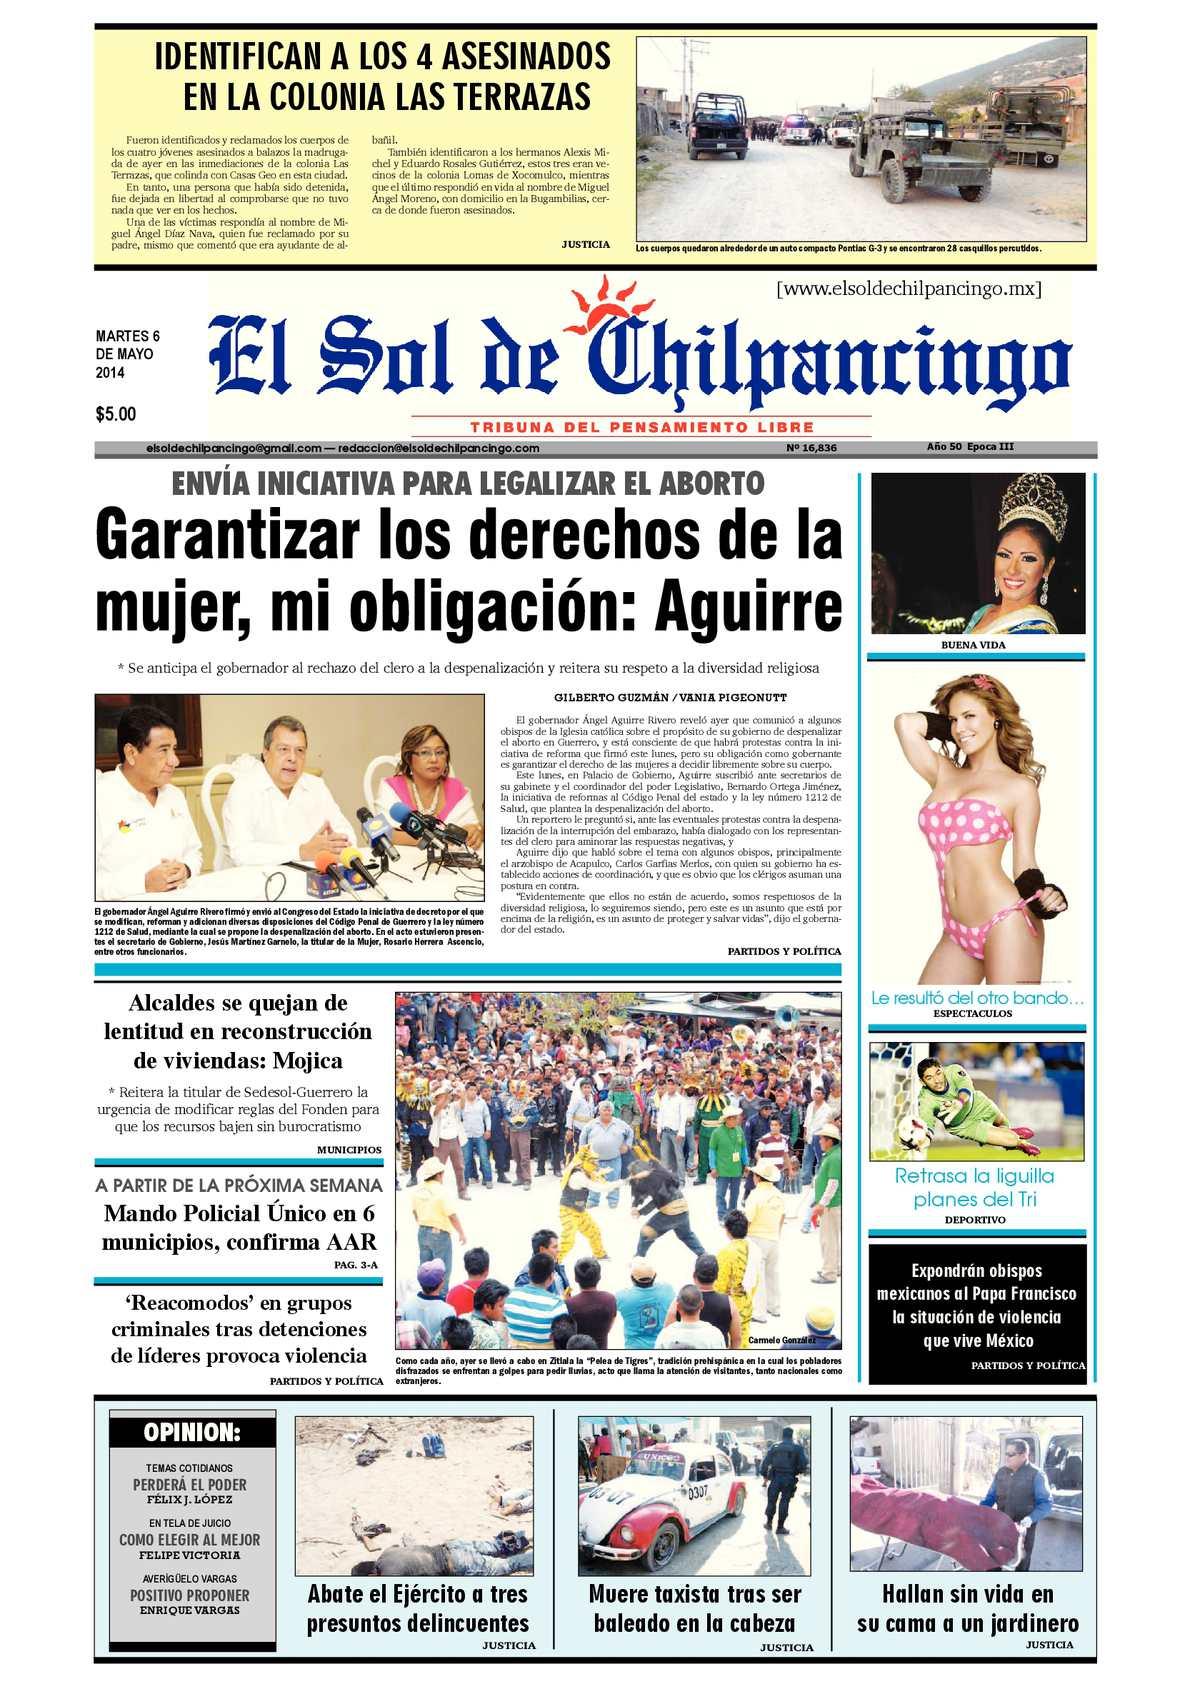 Calaméo - El Sol de Chilpancingo 6 Mayo 2014 b509ed68296ac